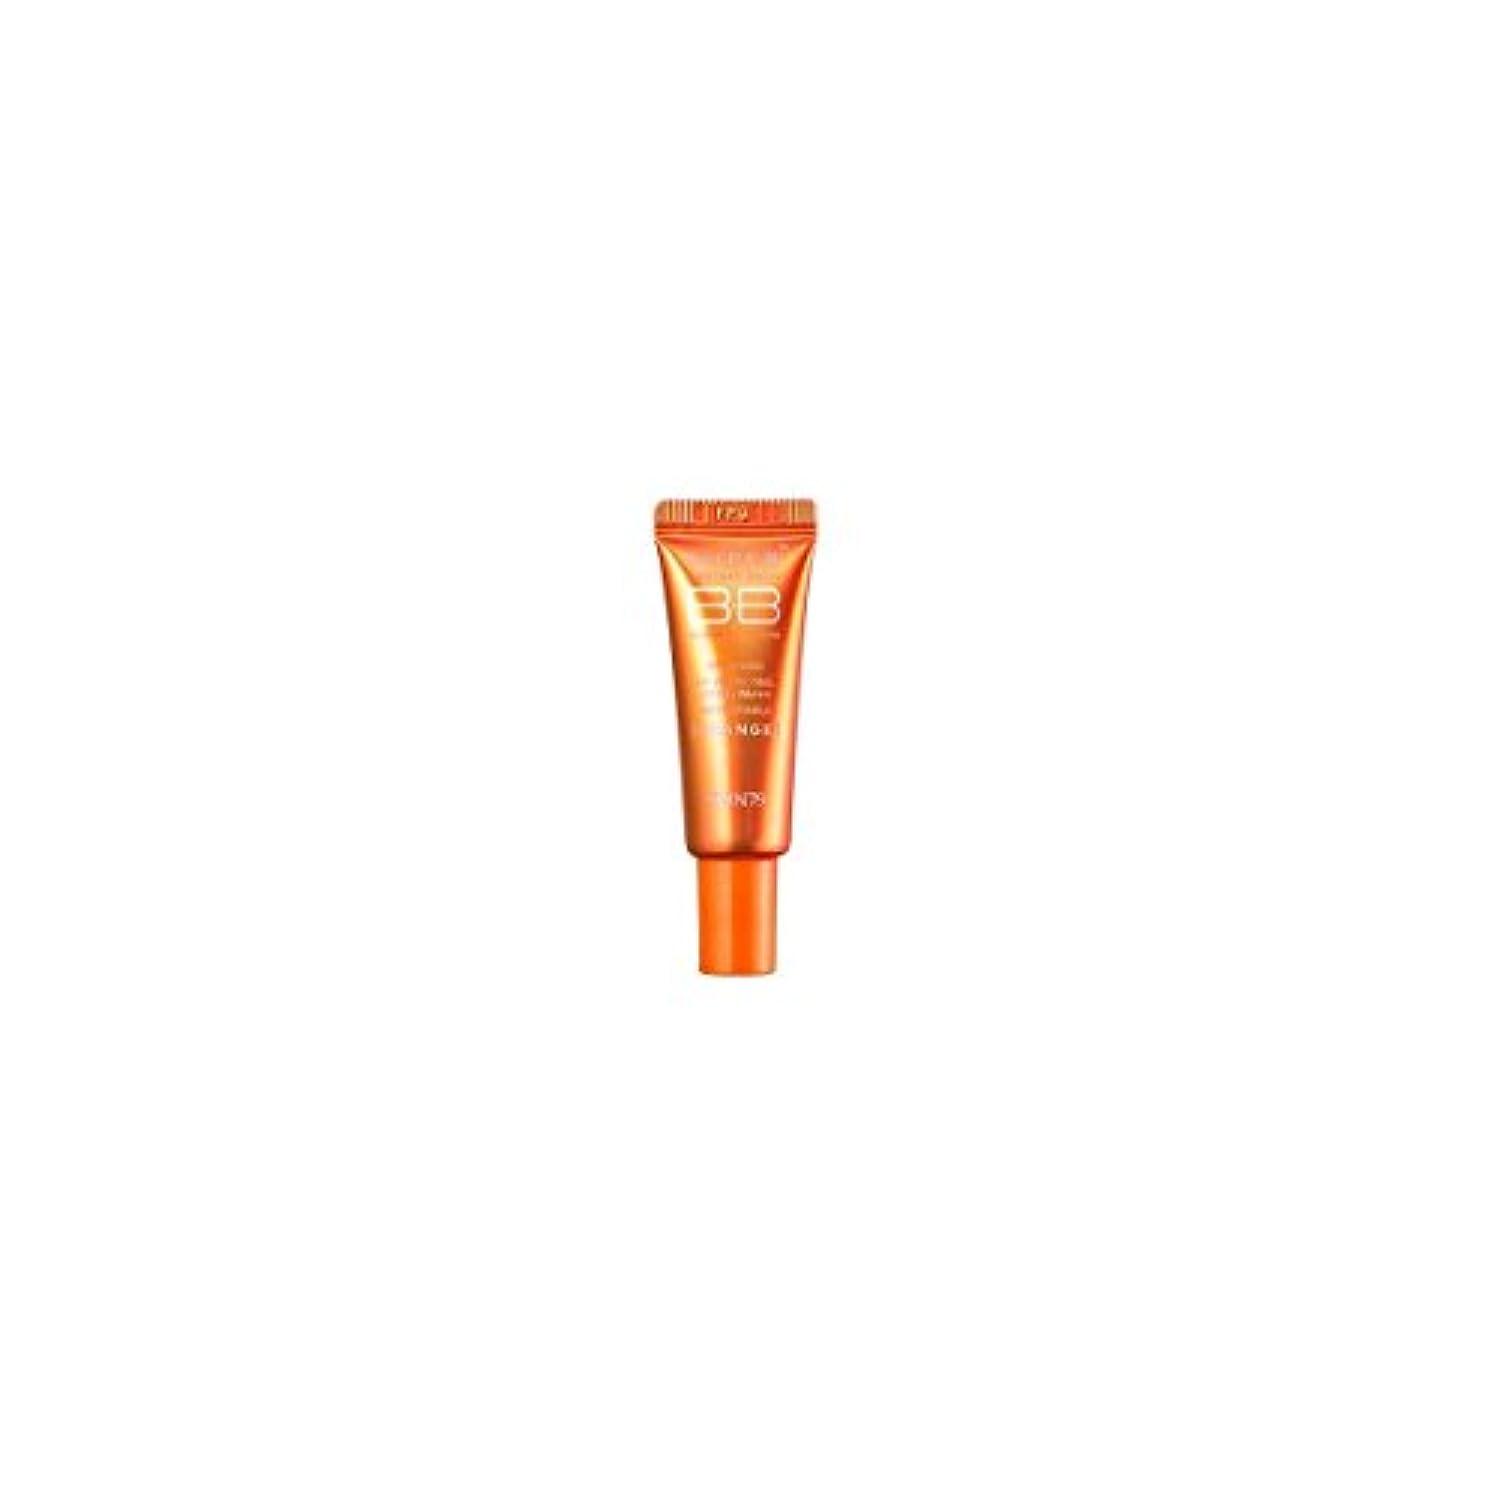 鑑定ヒープ気分が良いSKIN79 スキン79スーパートリプル機能BBクリーム - オレンジ